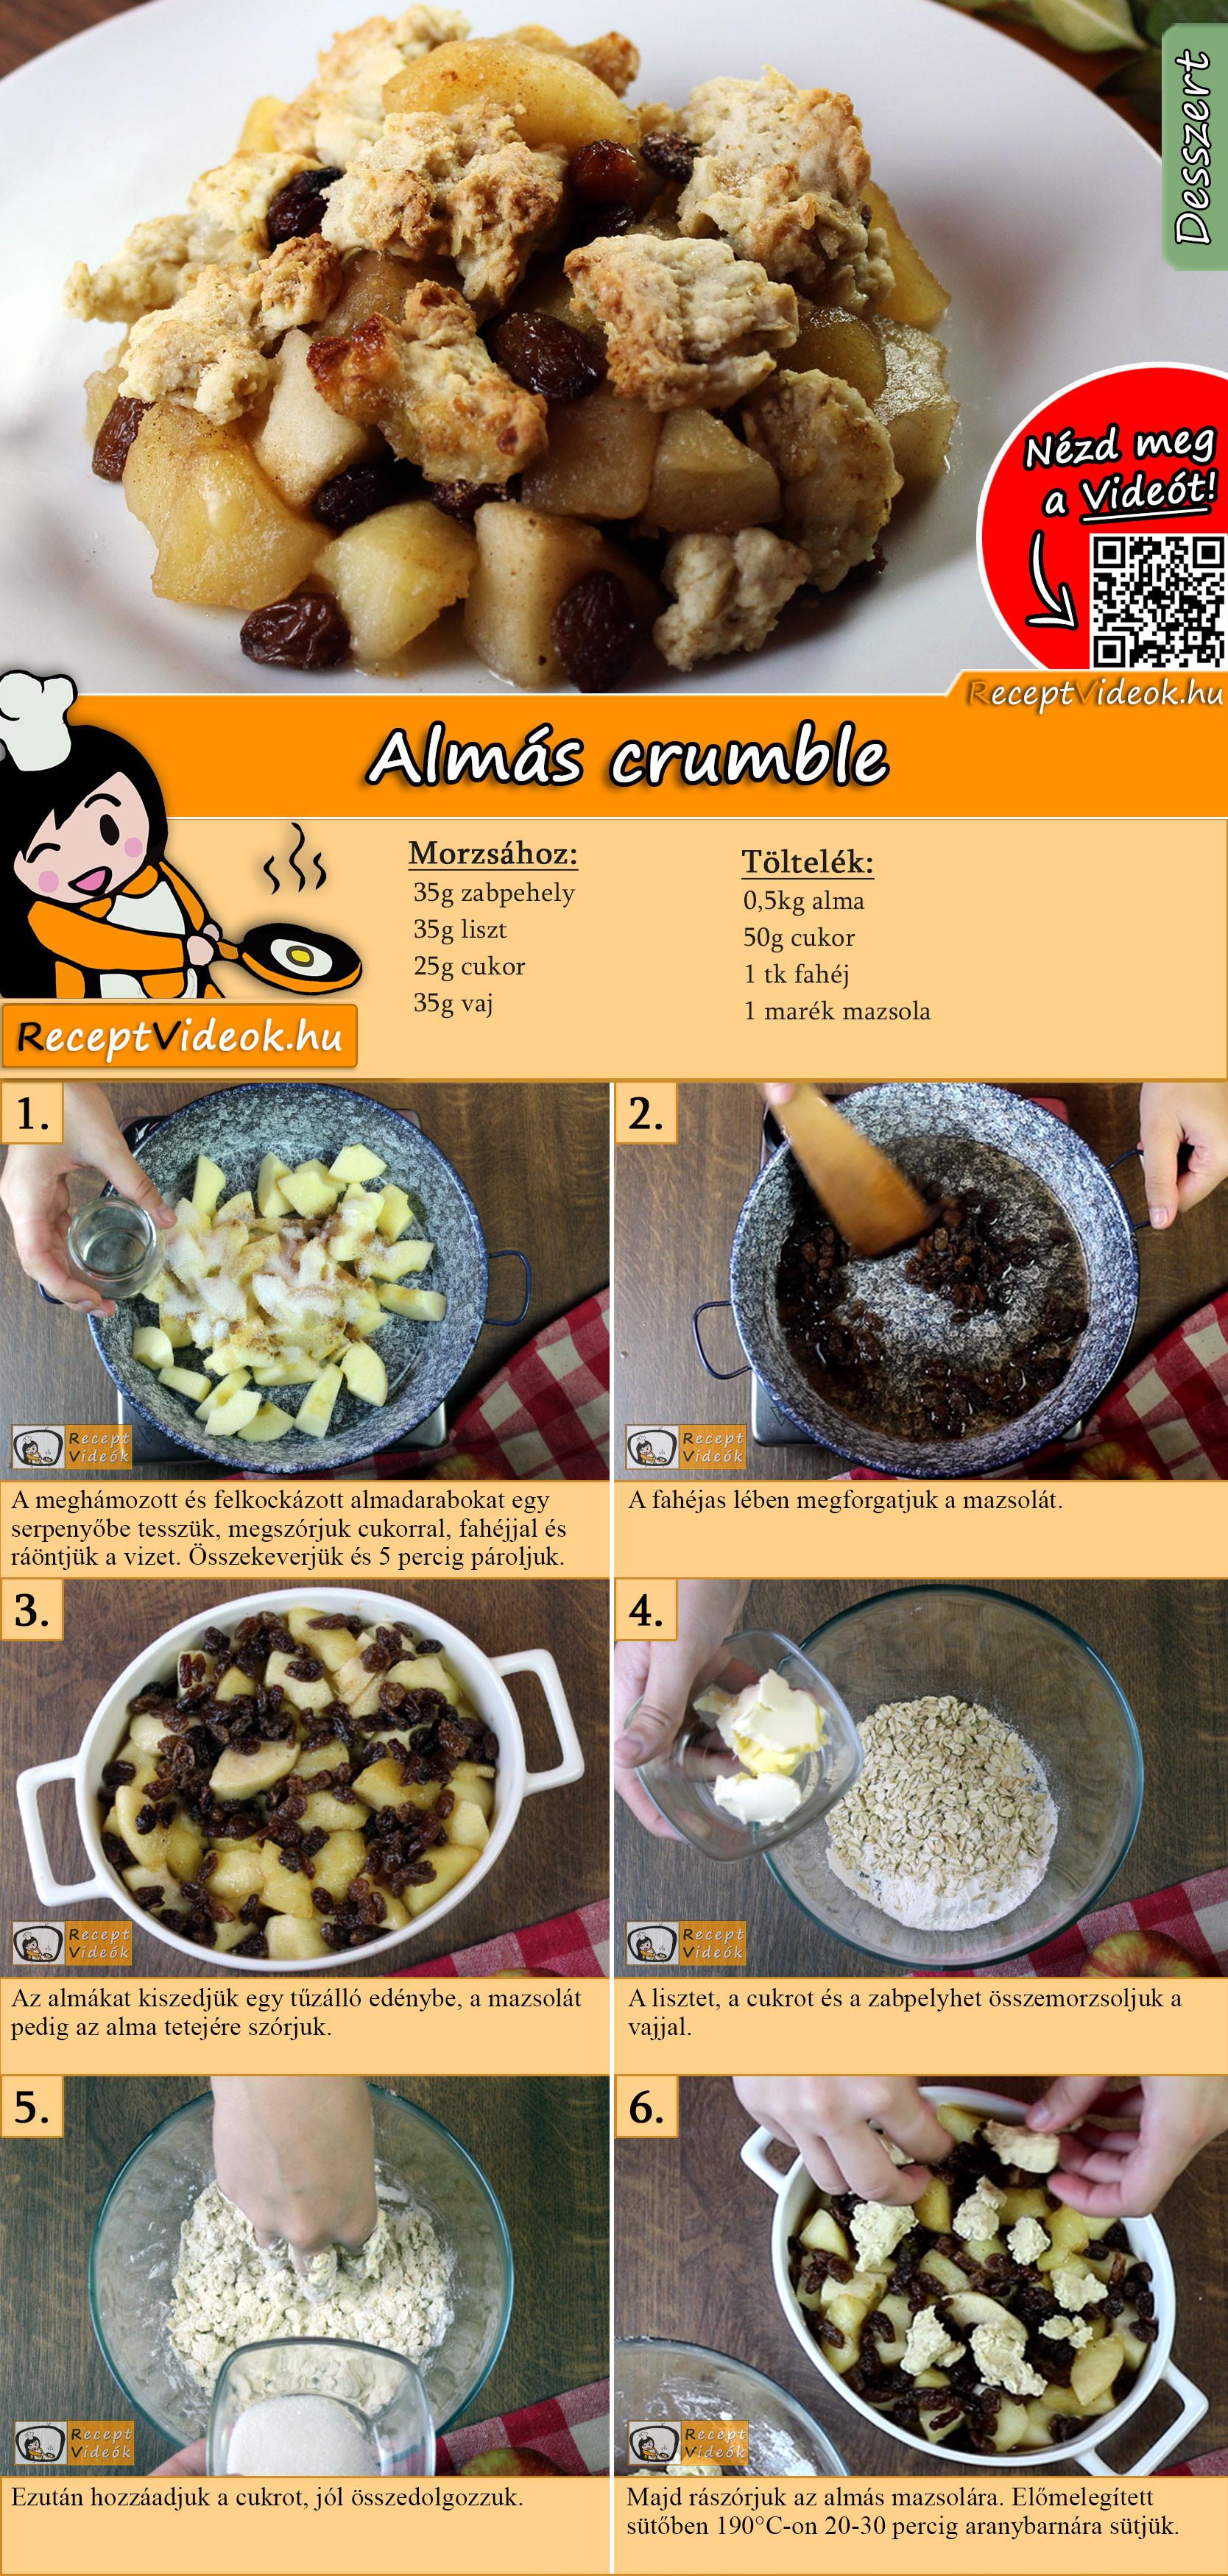 Almás crumble recept elkészítése videóval